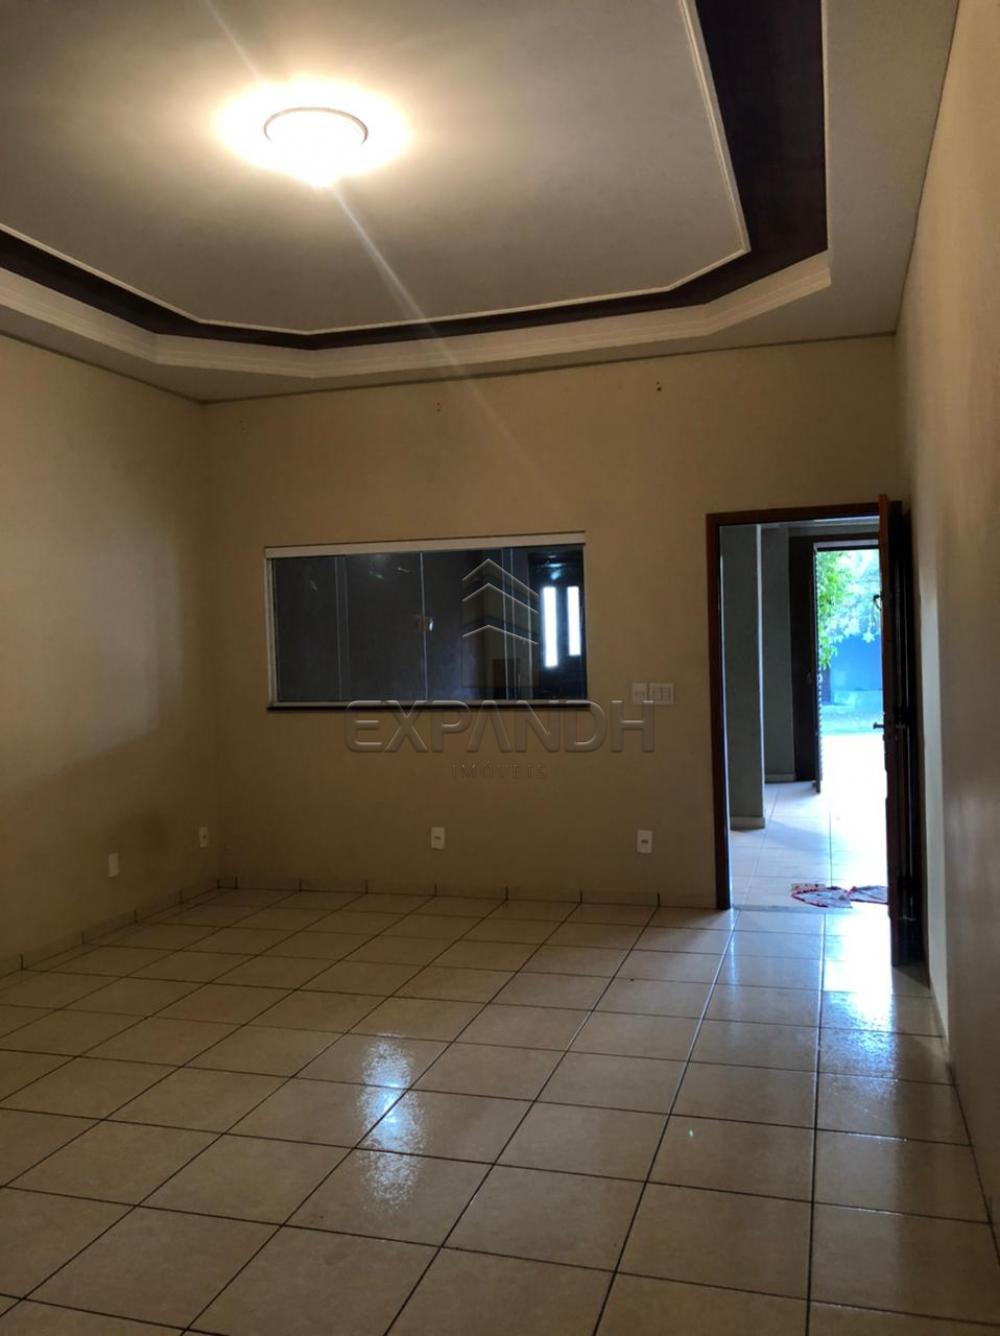 Alugar Casas / Padrão em Sertãozinho R$ 1.400,00 - Foto 5